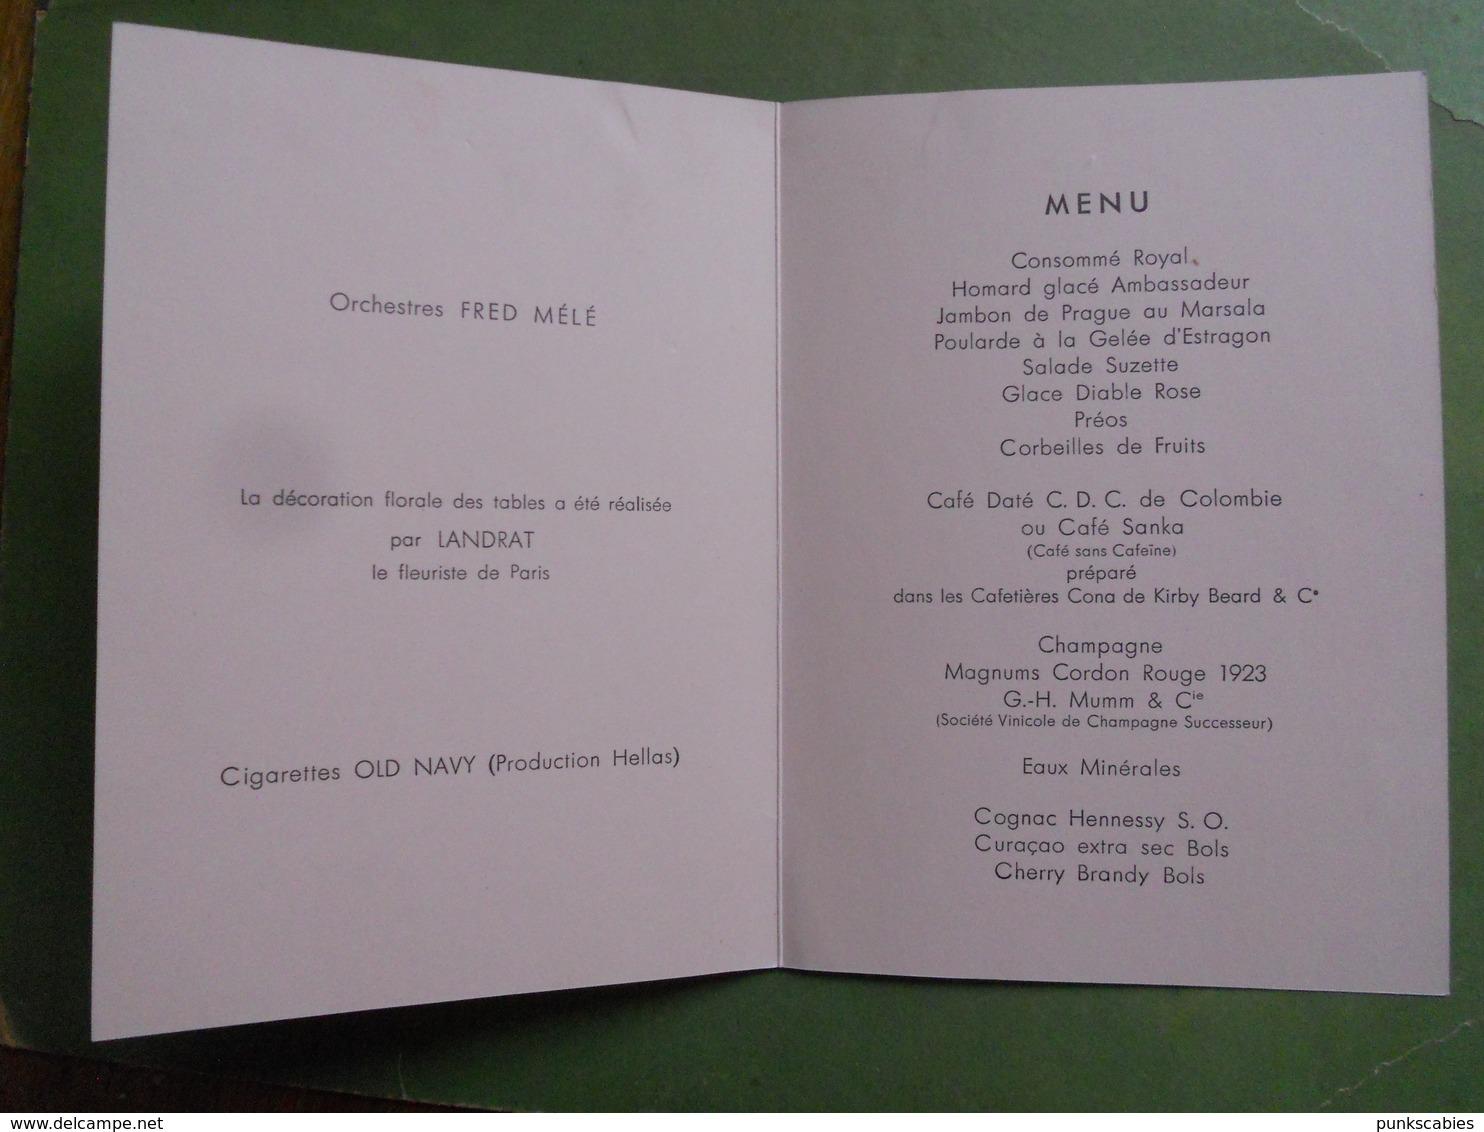 MENU BAL DES PETITS LITS BLANCS DINER 4 JUIN 1935 ORCHESTRE FRED MELE PETITE TRACE DE TROMBONE EN HAUT - Menus